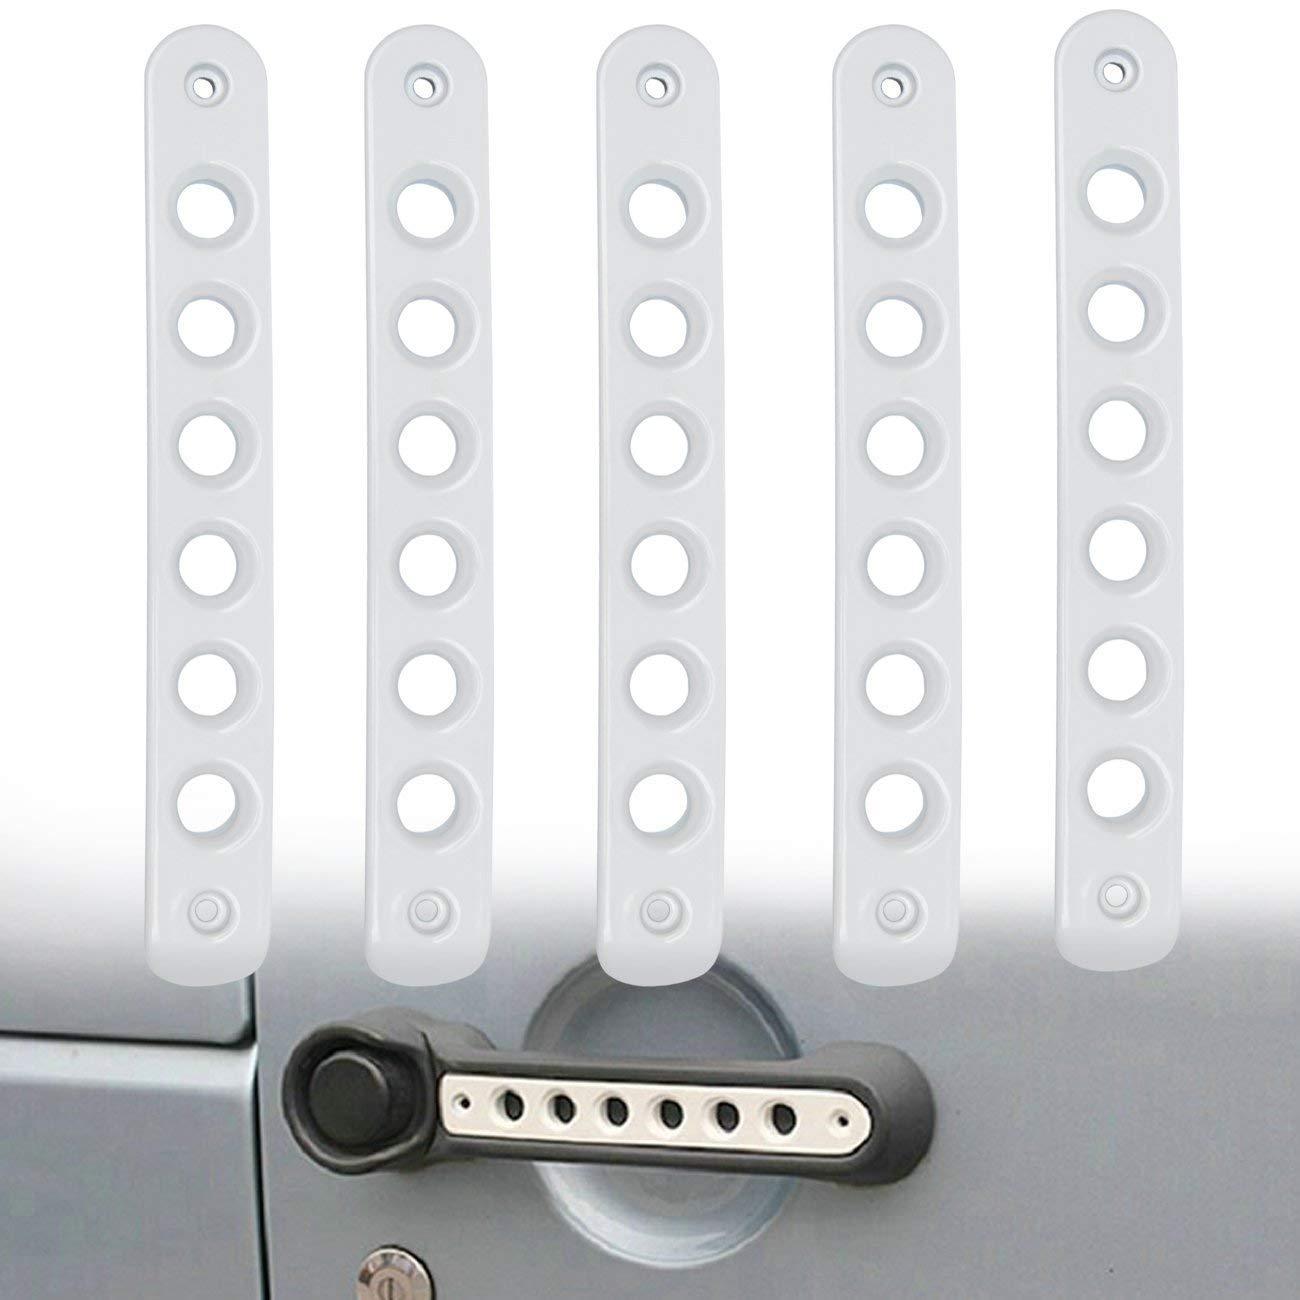 Danti 4 Door Front Door /& Back Door Aluminum Grab Handle Cover for Jeep Wrangler JK /& Unlimited 2007-2017 5pcs//Set Silver